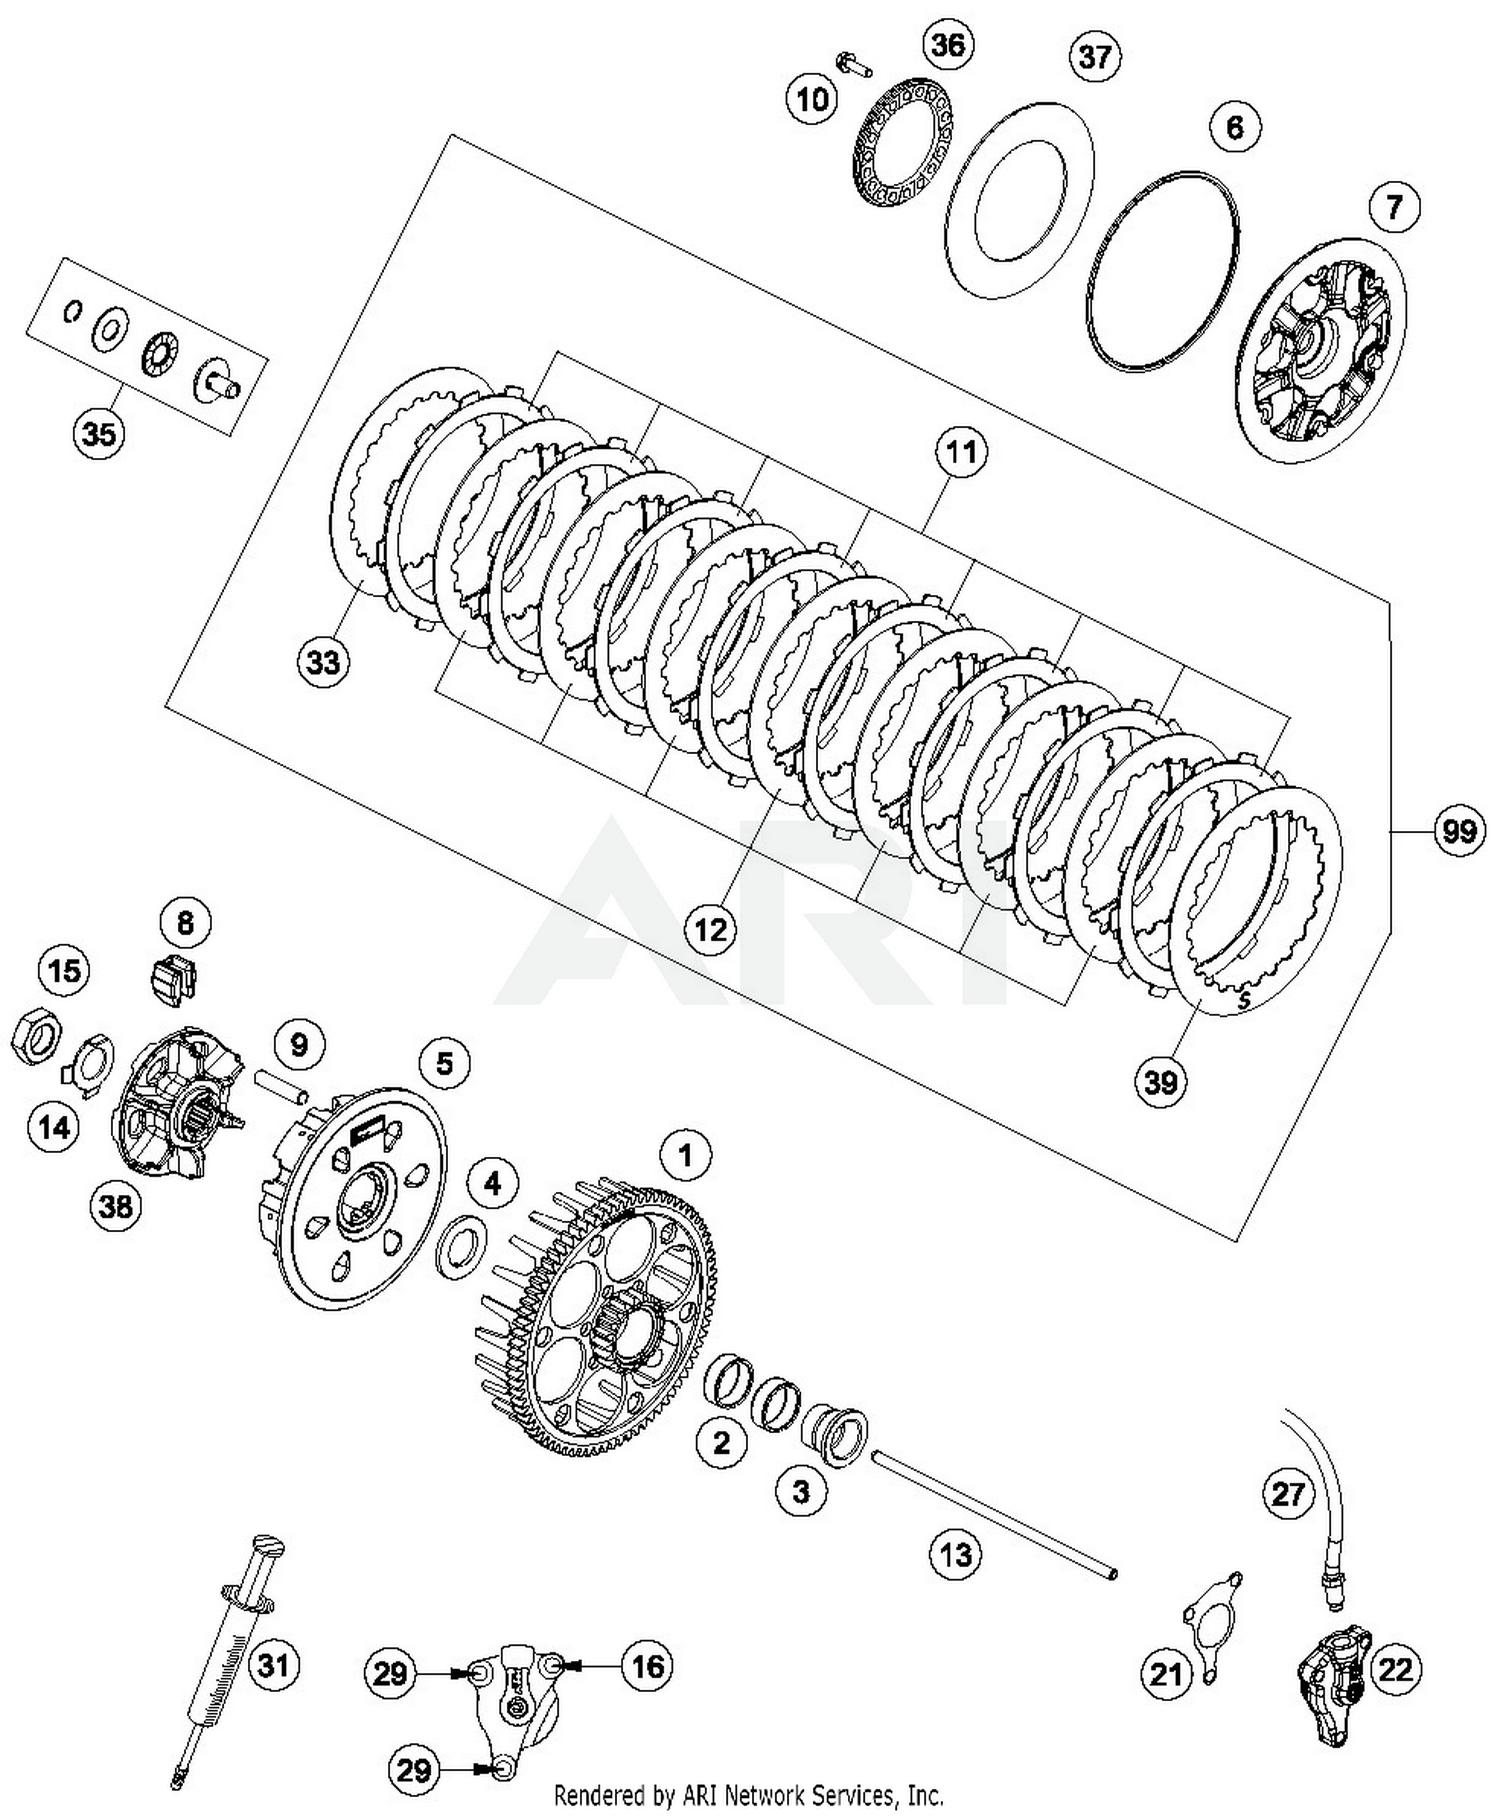 Max 2019 husqvarna fe 450 clutch parts best oem clutch parts diagram